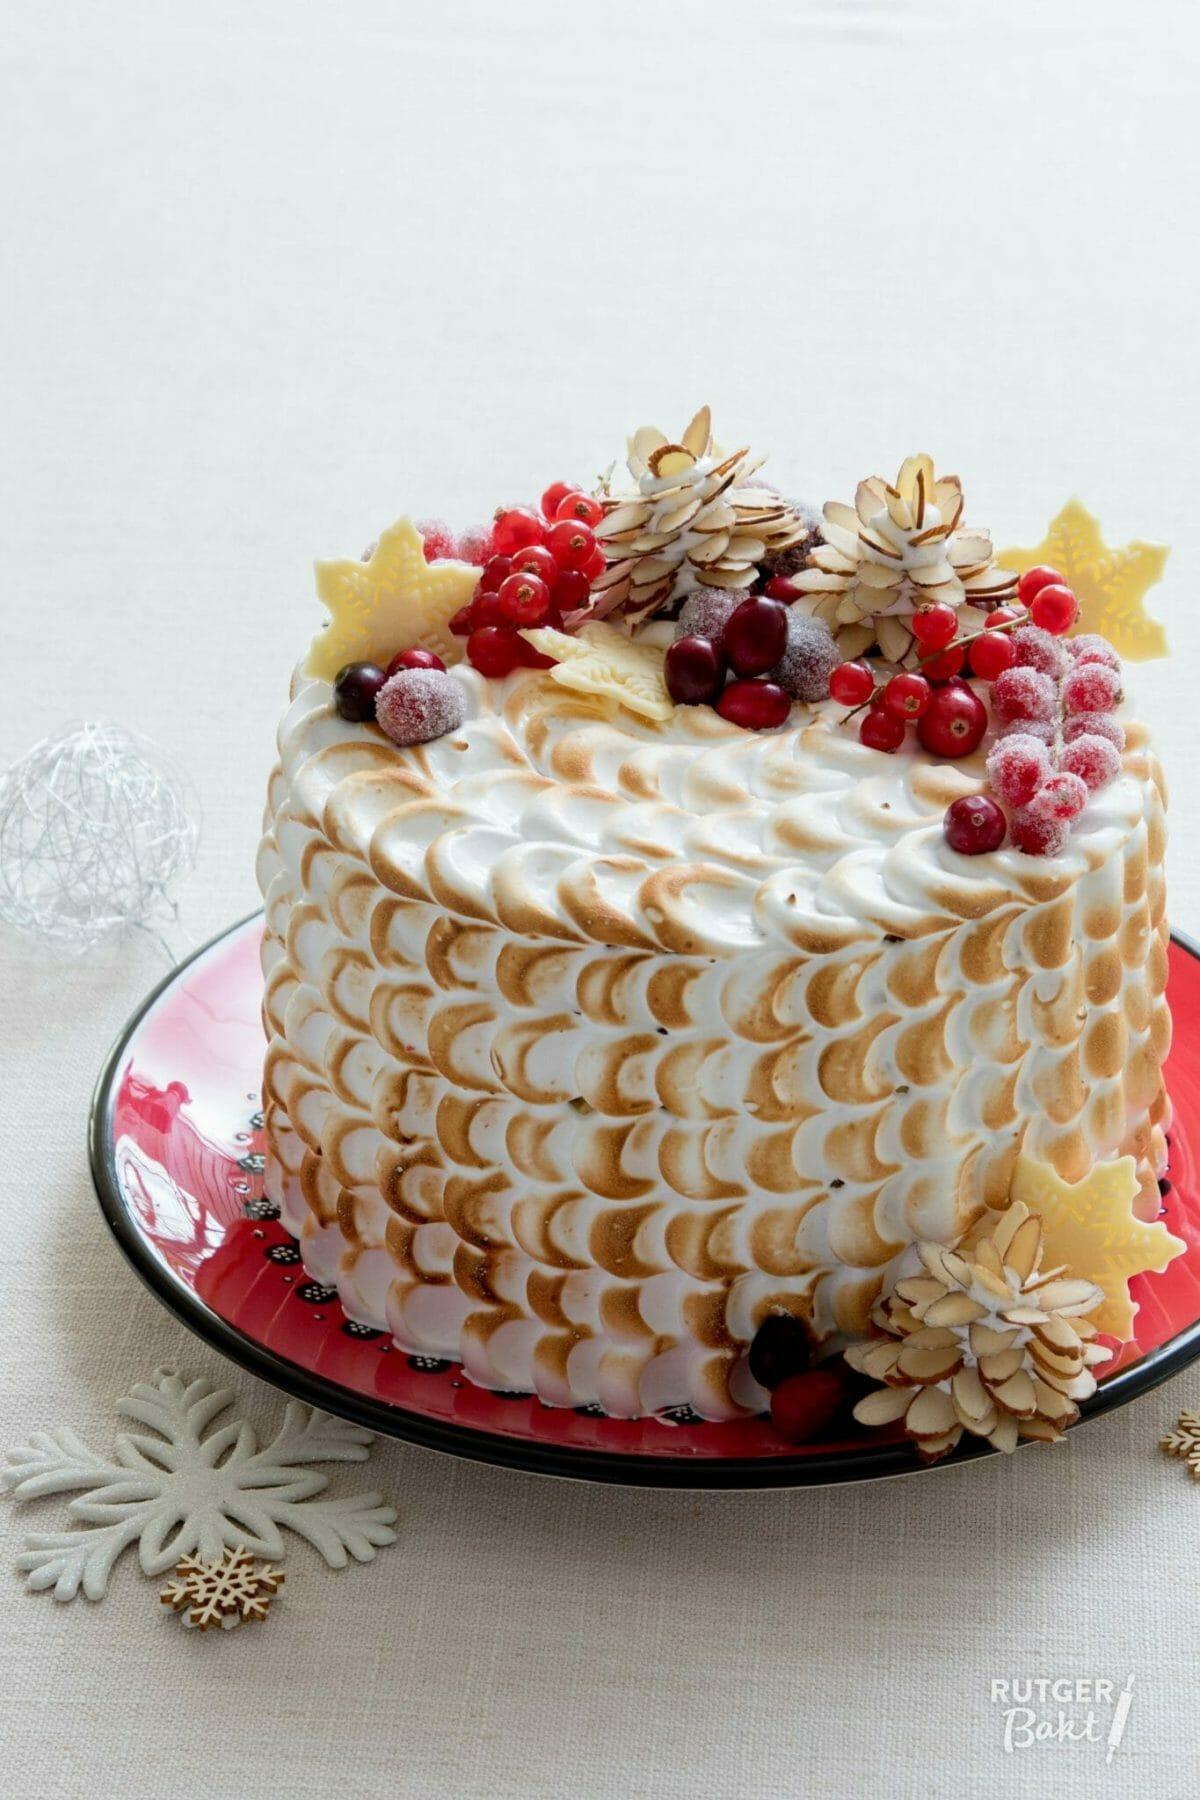 Kersttaart met sinaasappel, cranberry en meringue